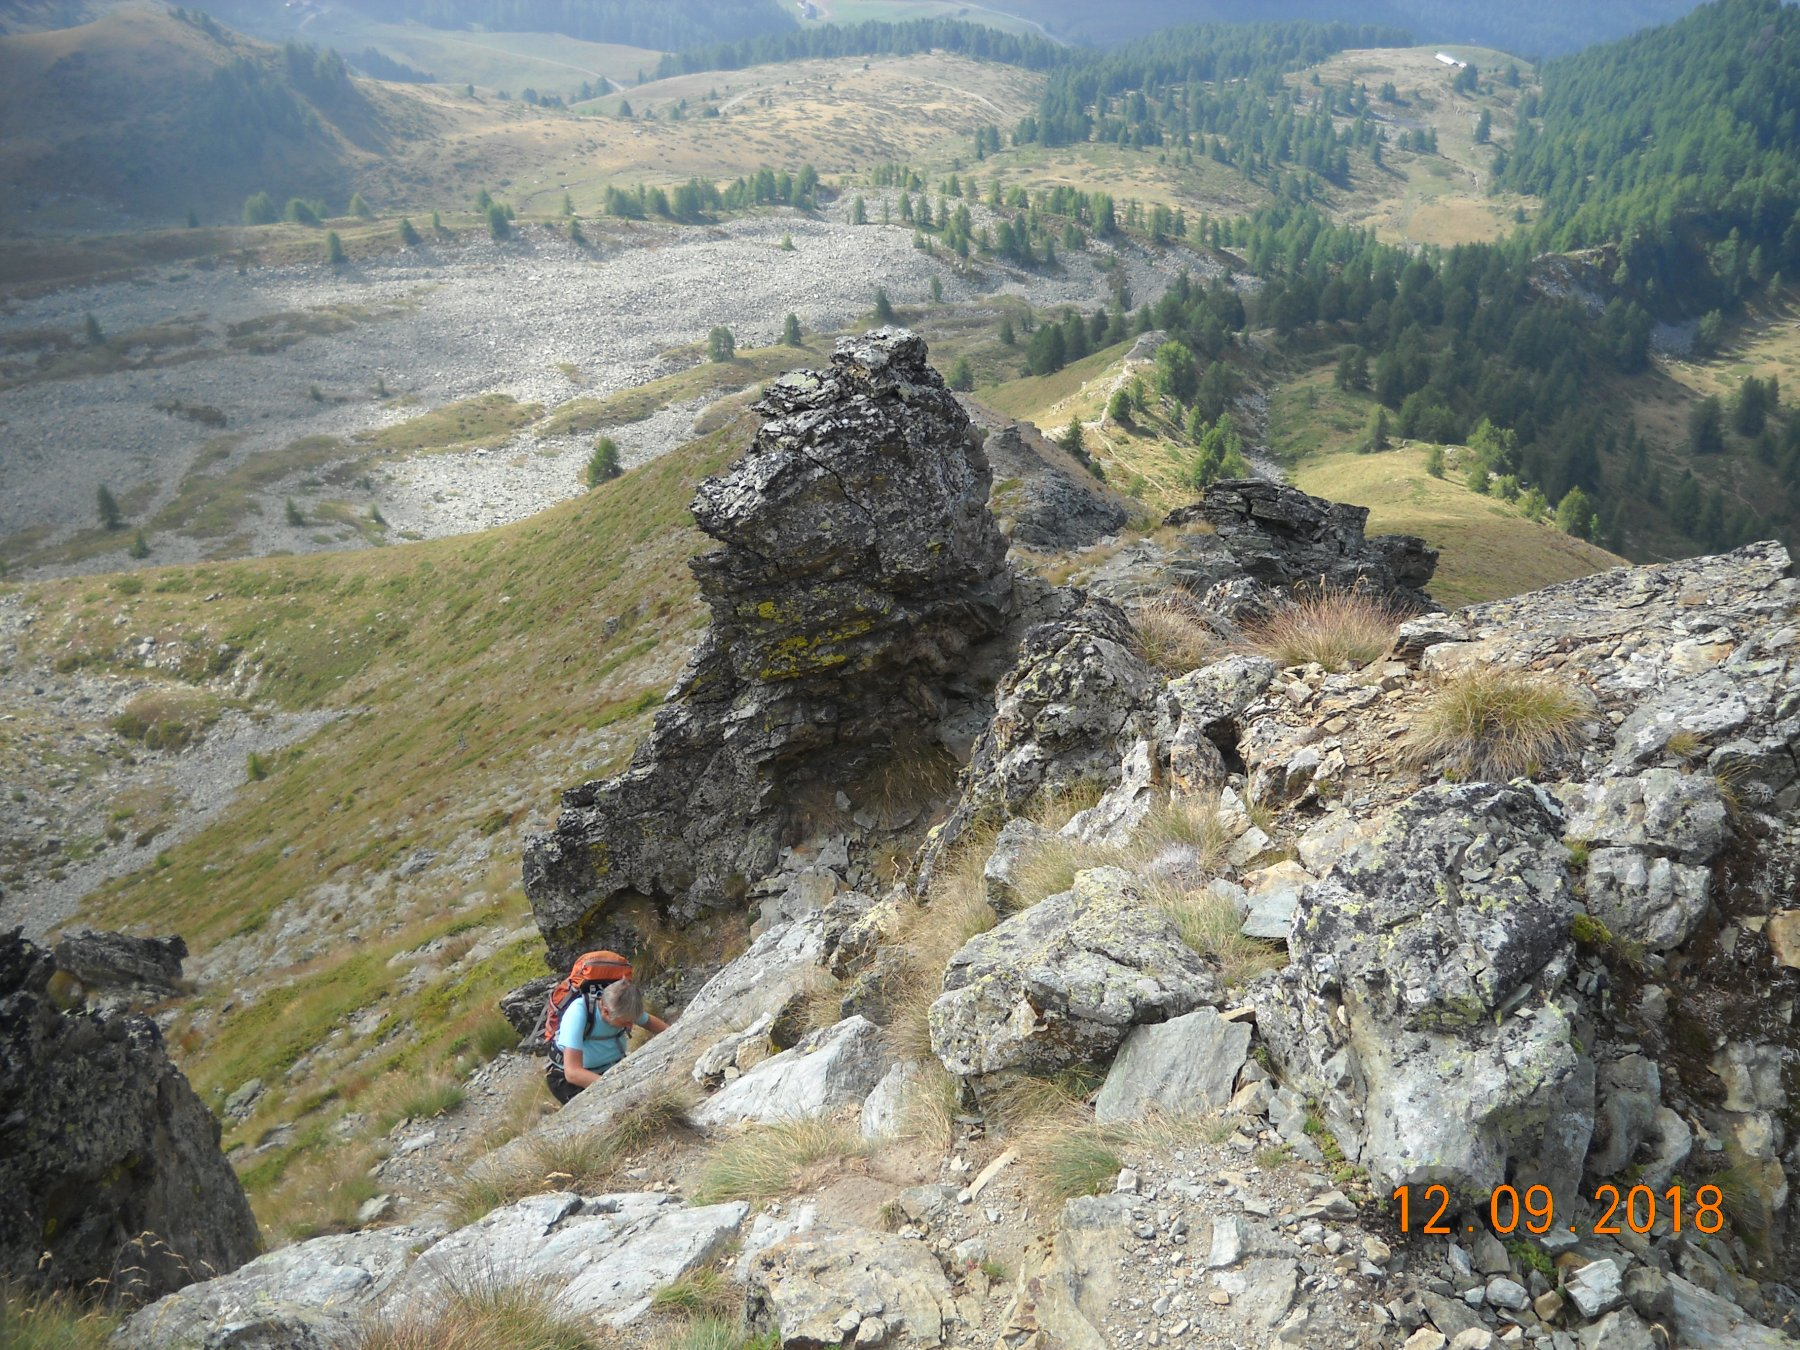 un tratto roccioso